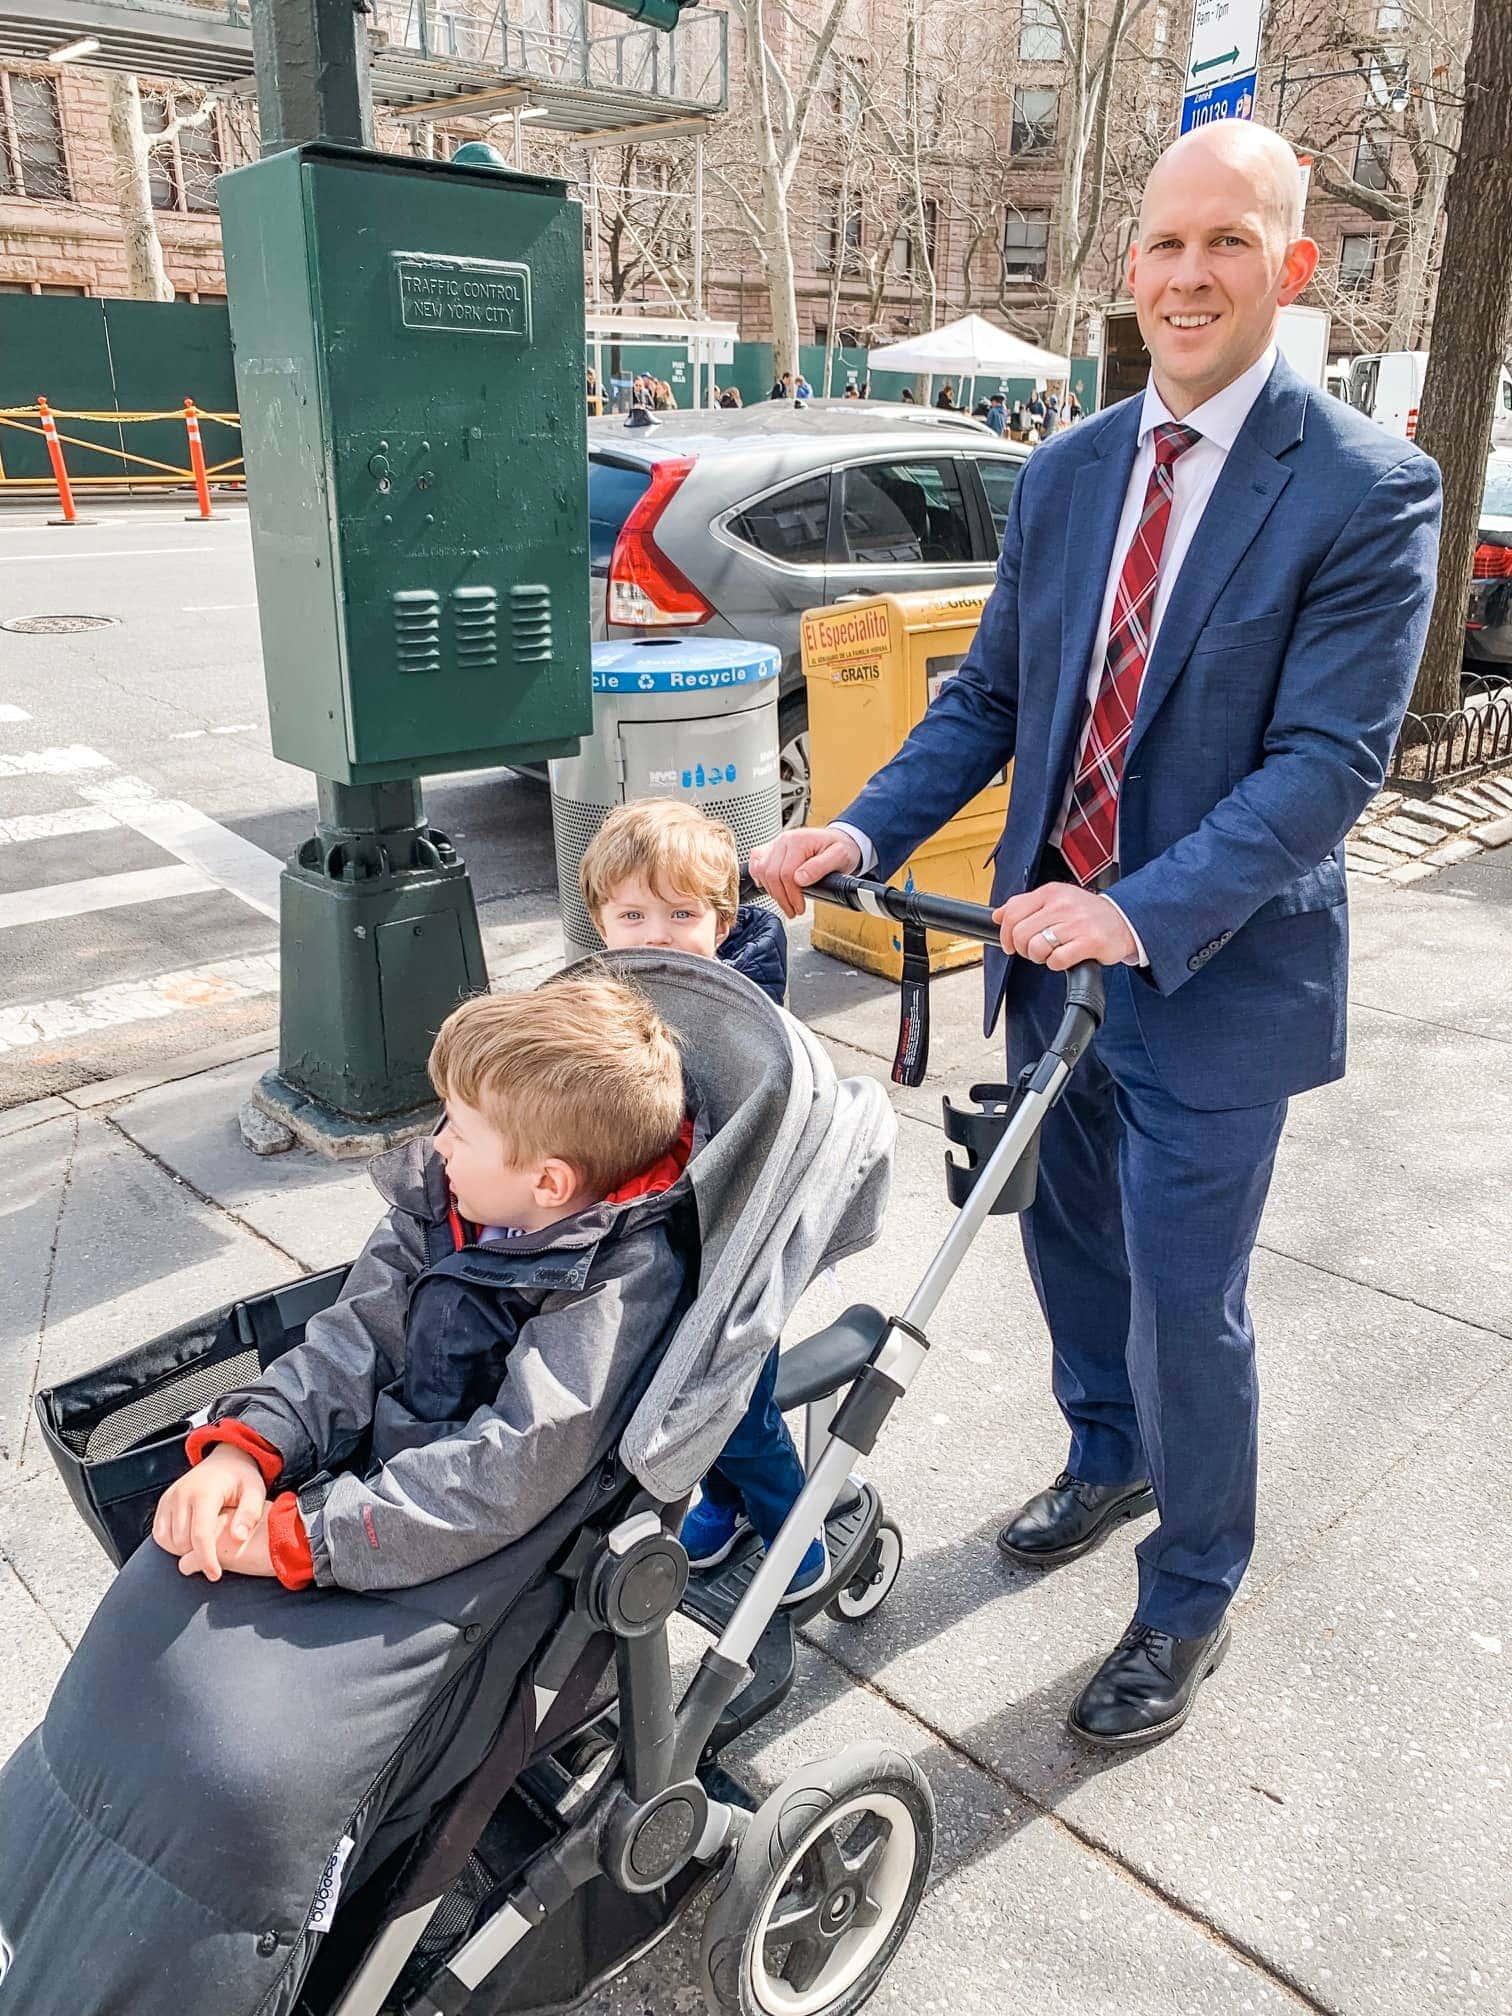 Gordon pushing the stroller with Blake and Eddie